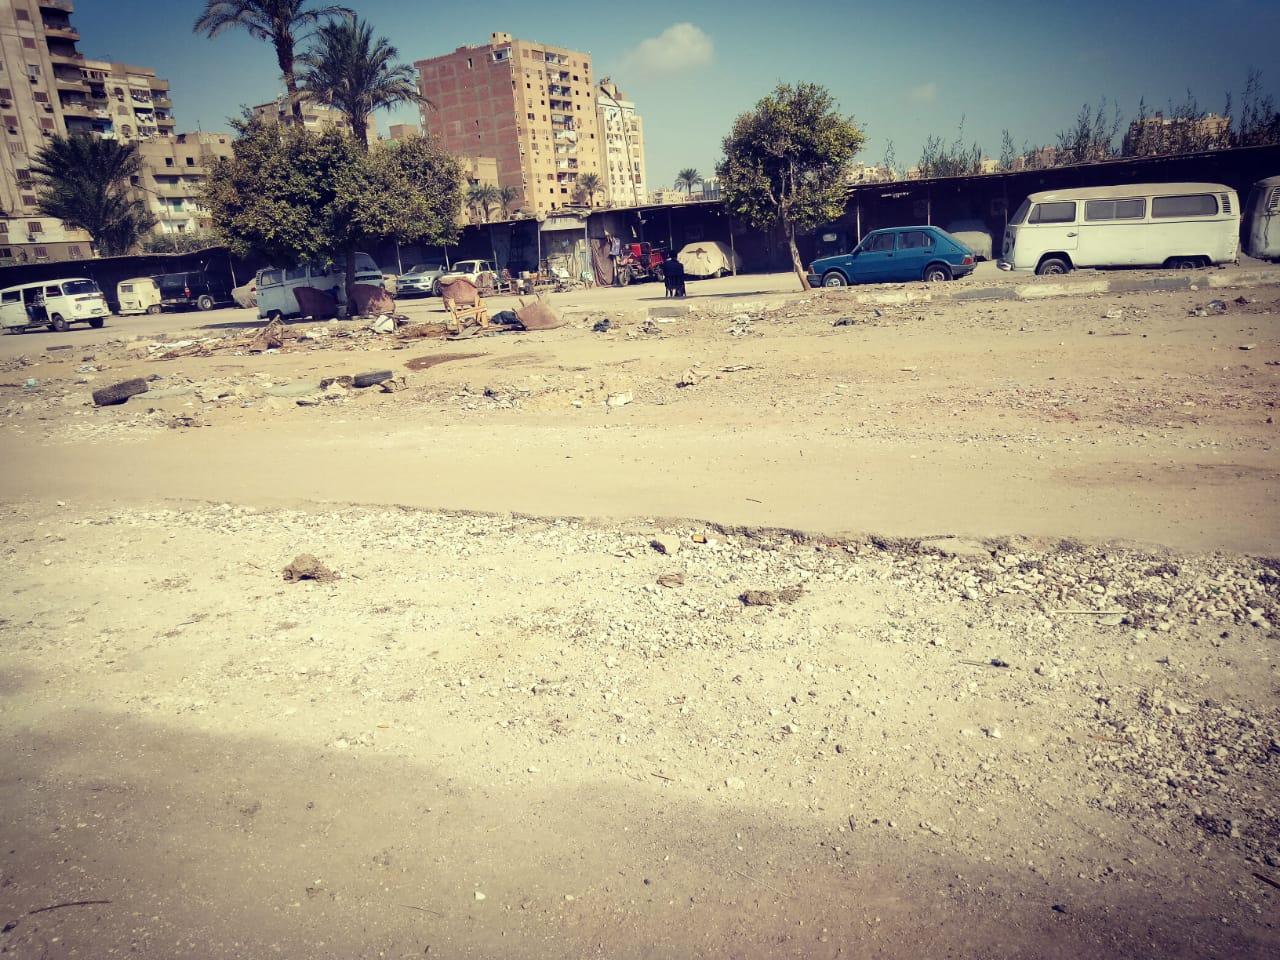 انتشار القمامة وسوء الخدمات فى منطقة ترسا بالهرم (4)